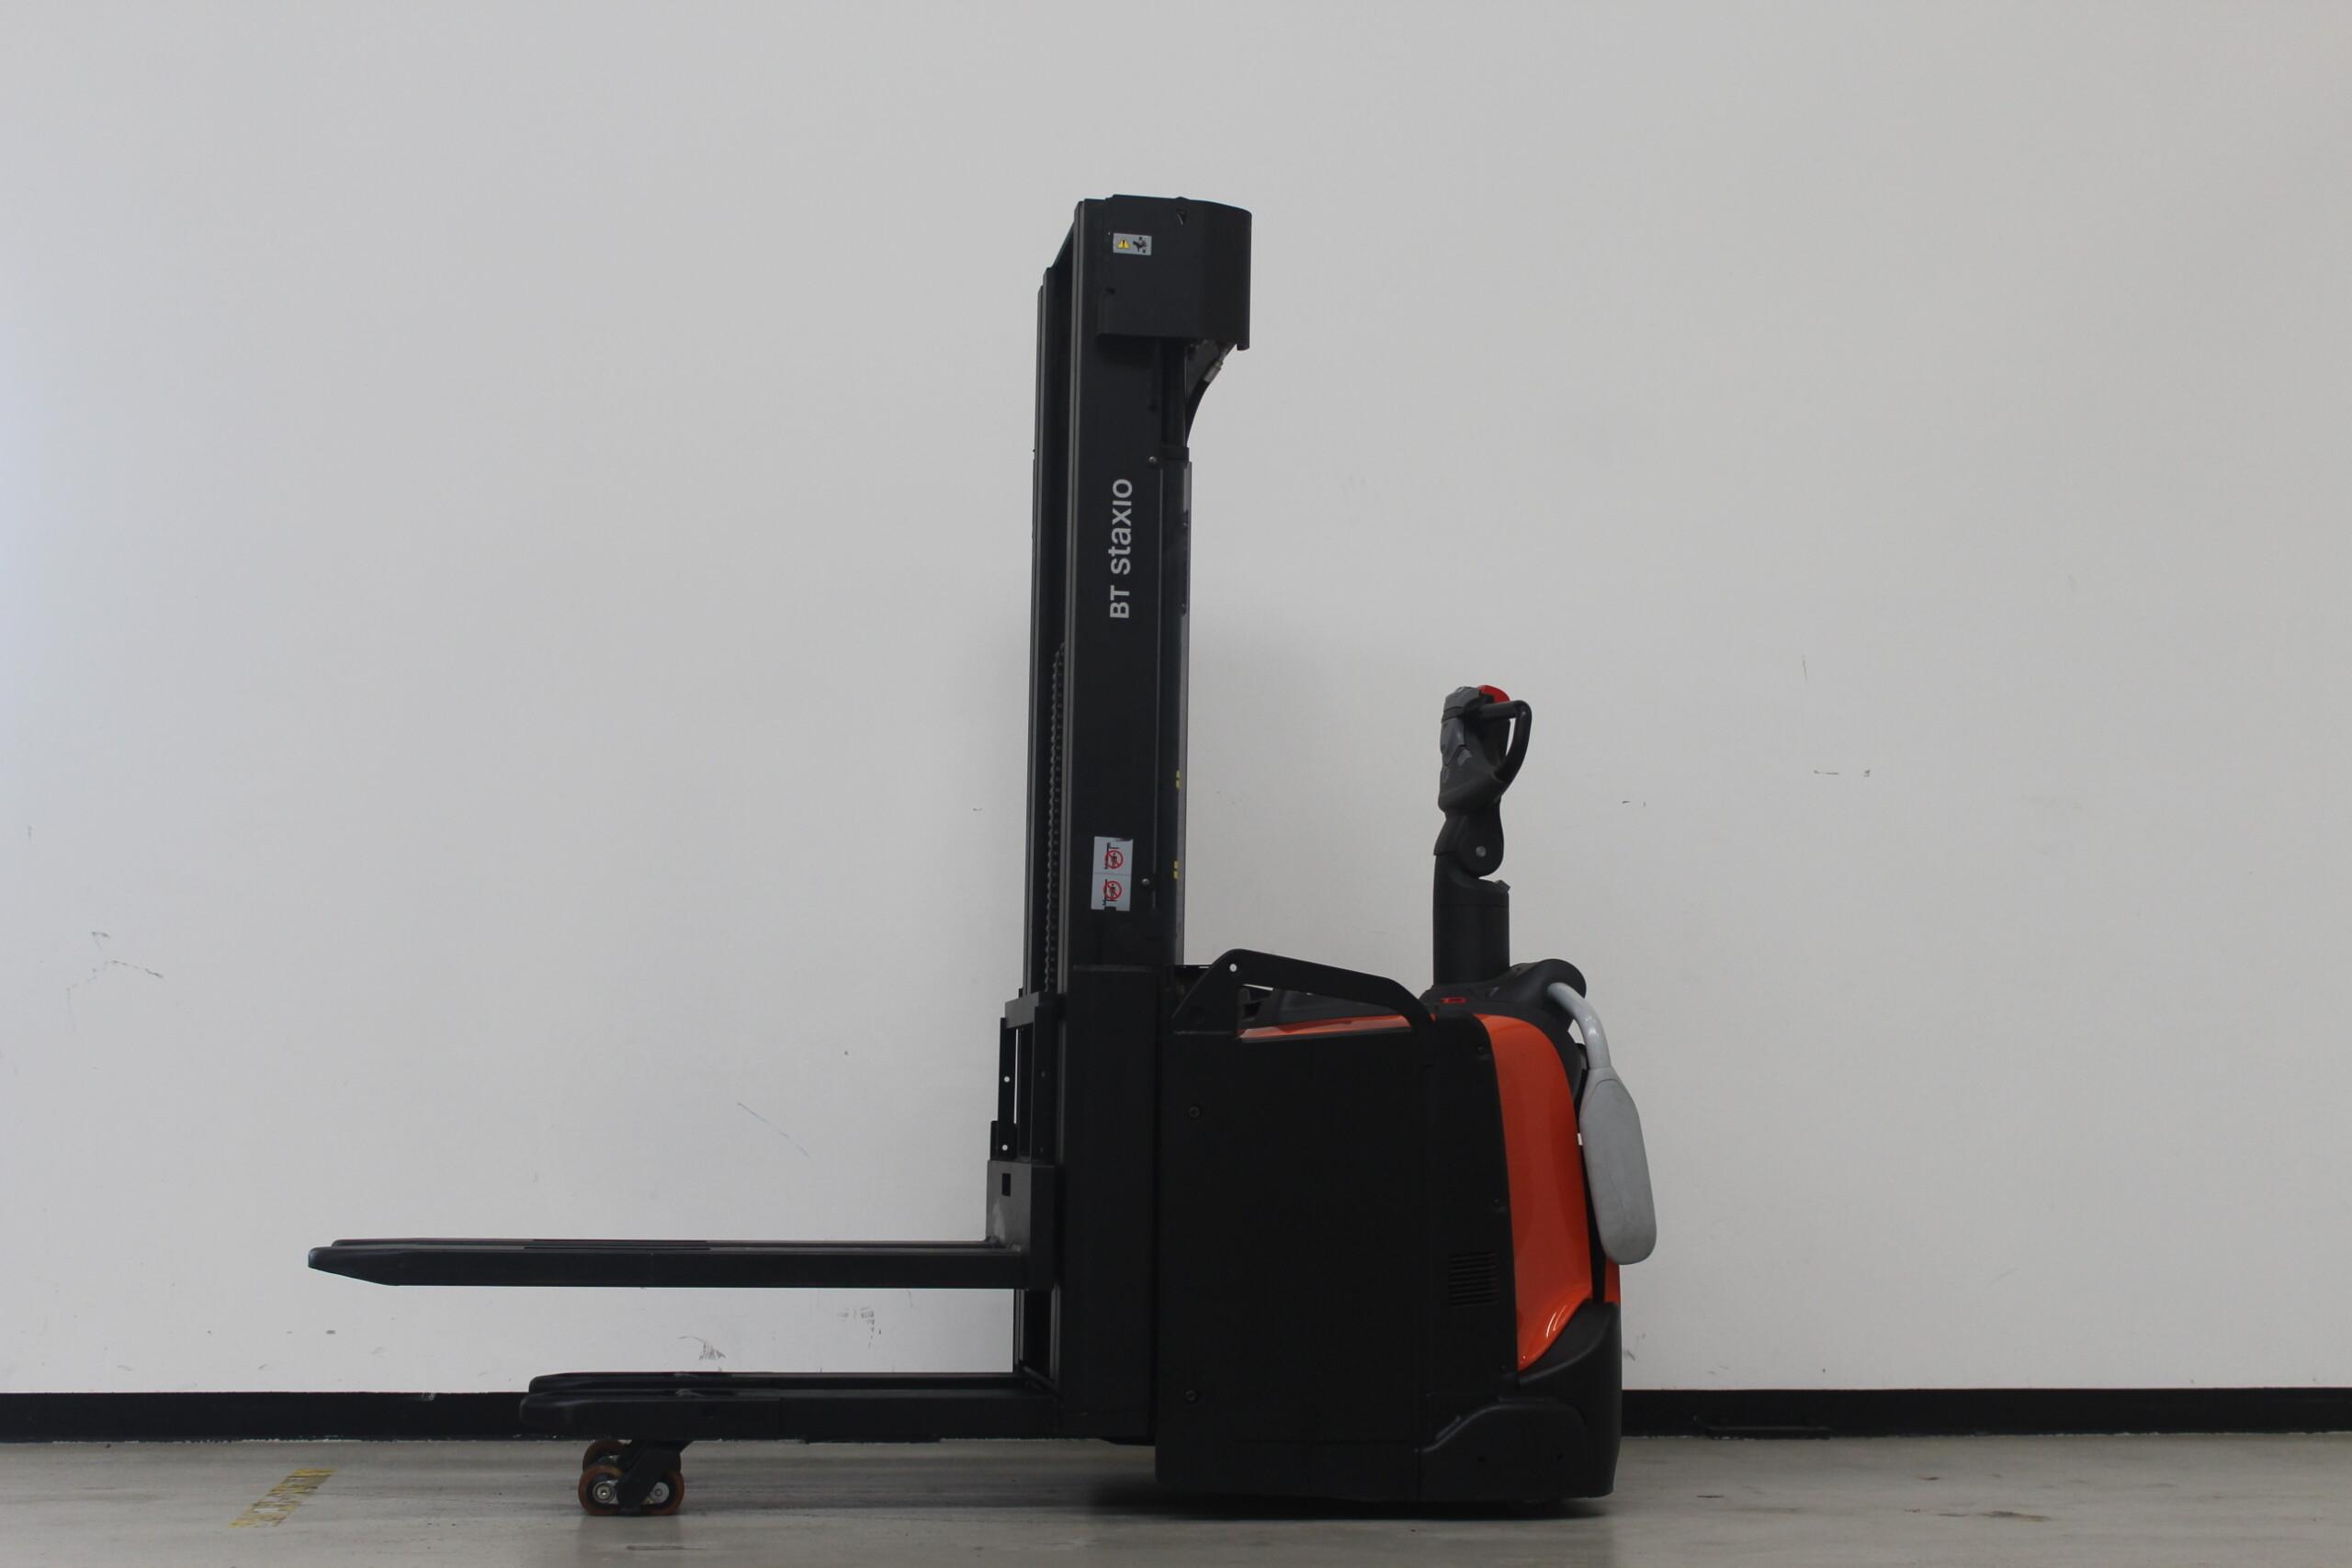 Toyota-Gabelstapler-59840 1703009369 1 71 scaled